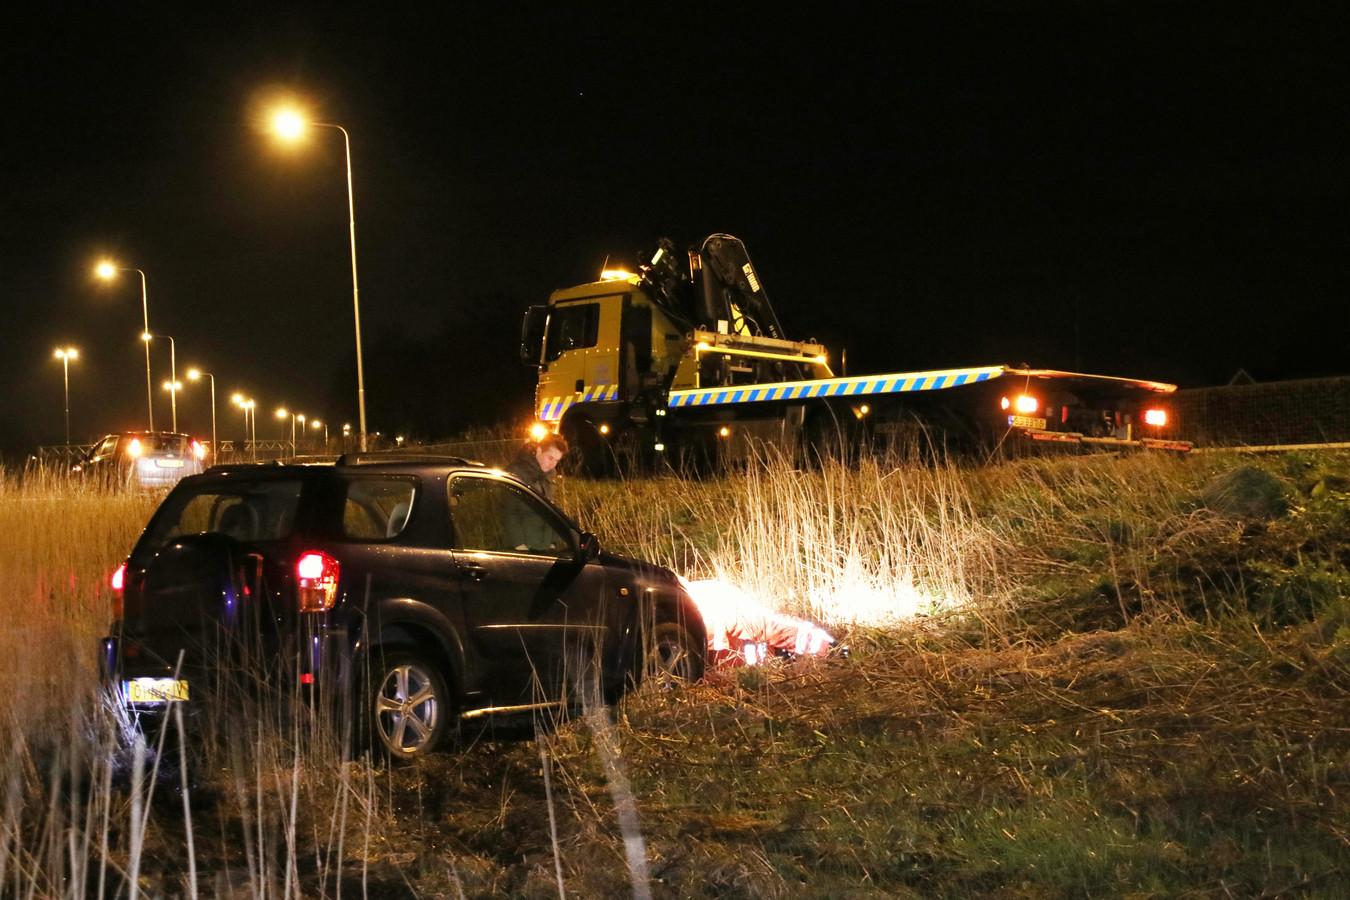 Een berger arriveert om de onfortuinlijke automobilist in Veenendaal letterlijk weer op weg te helpen.